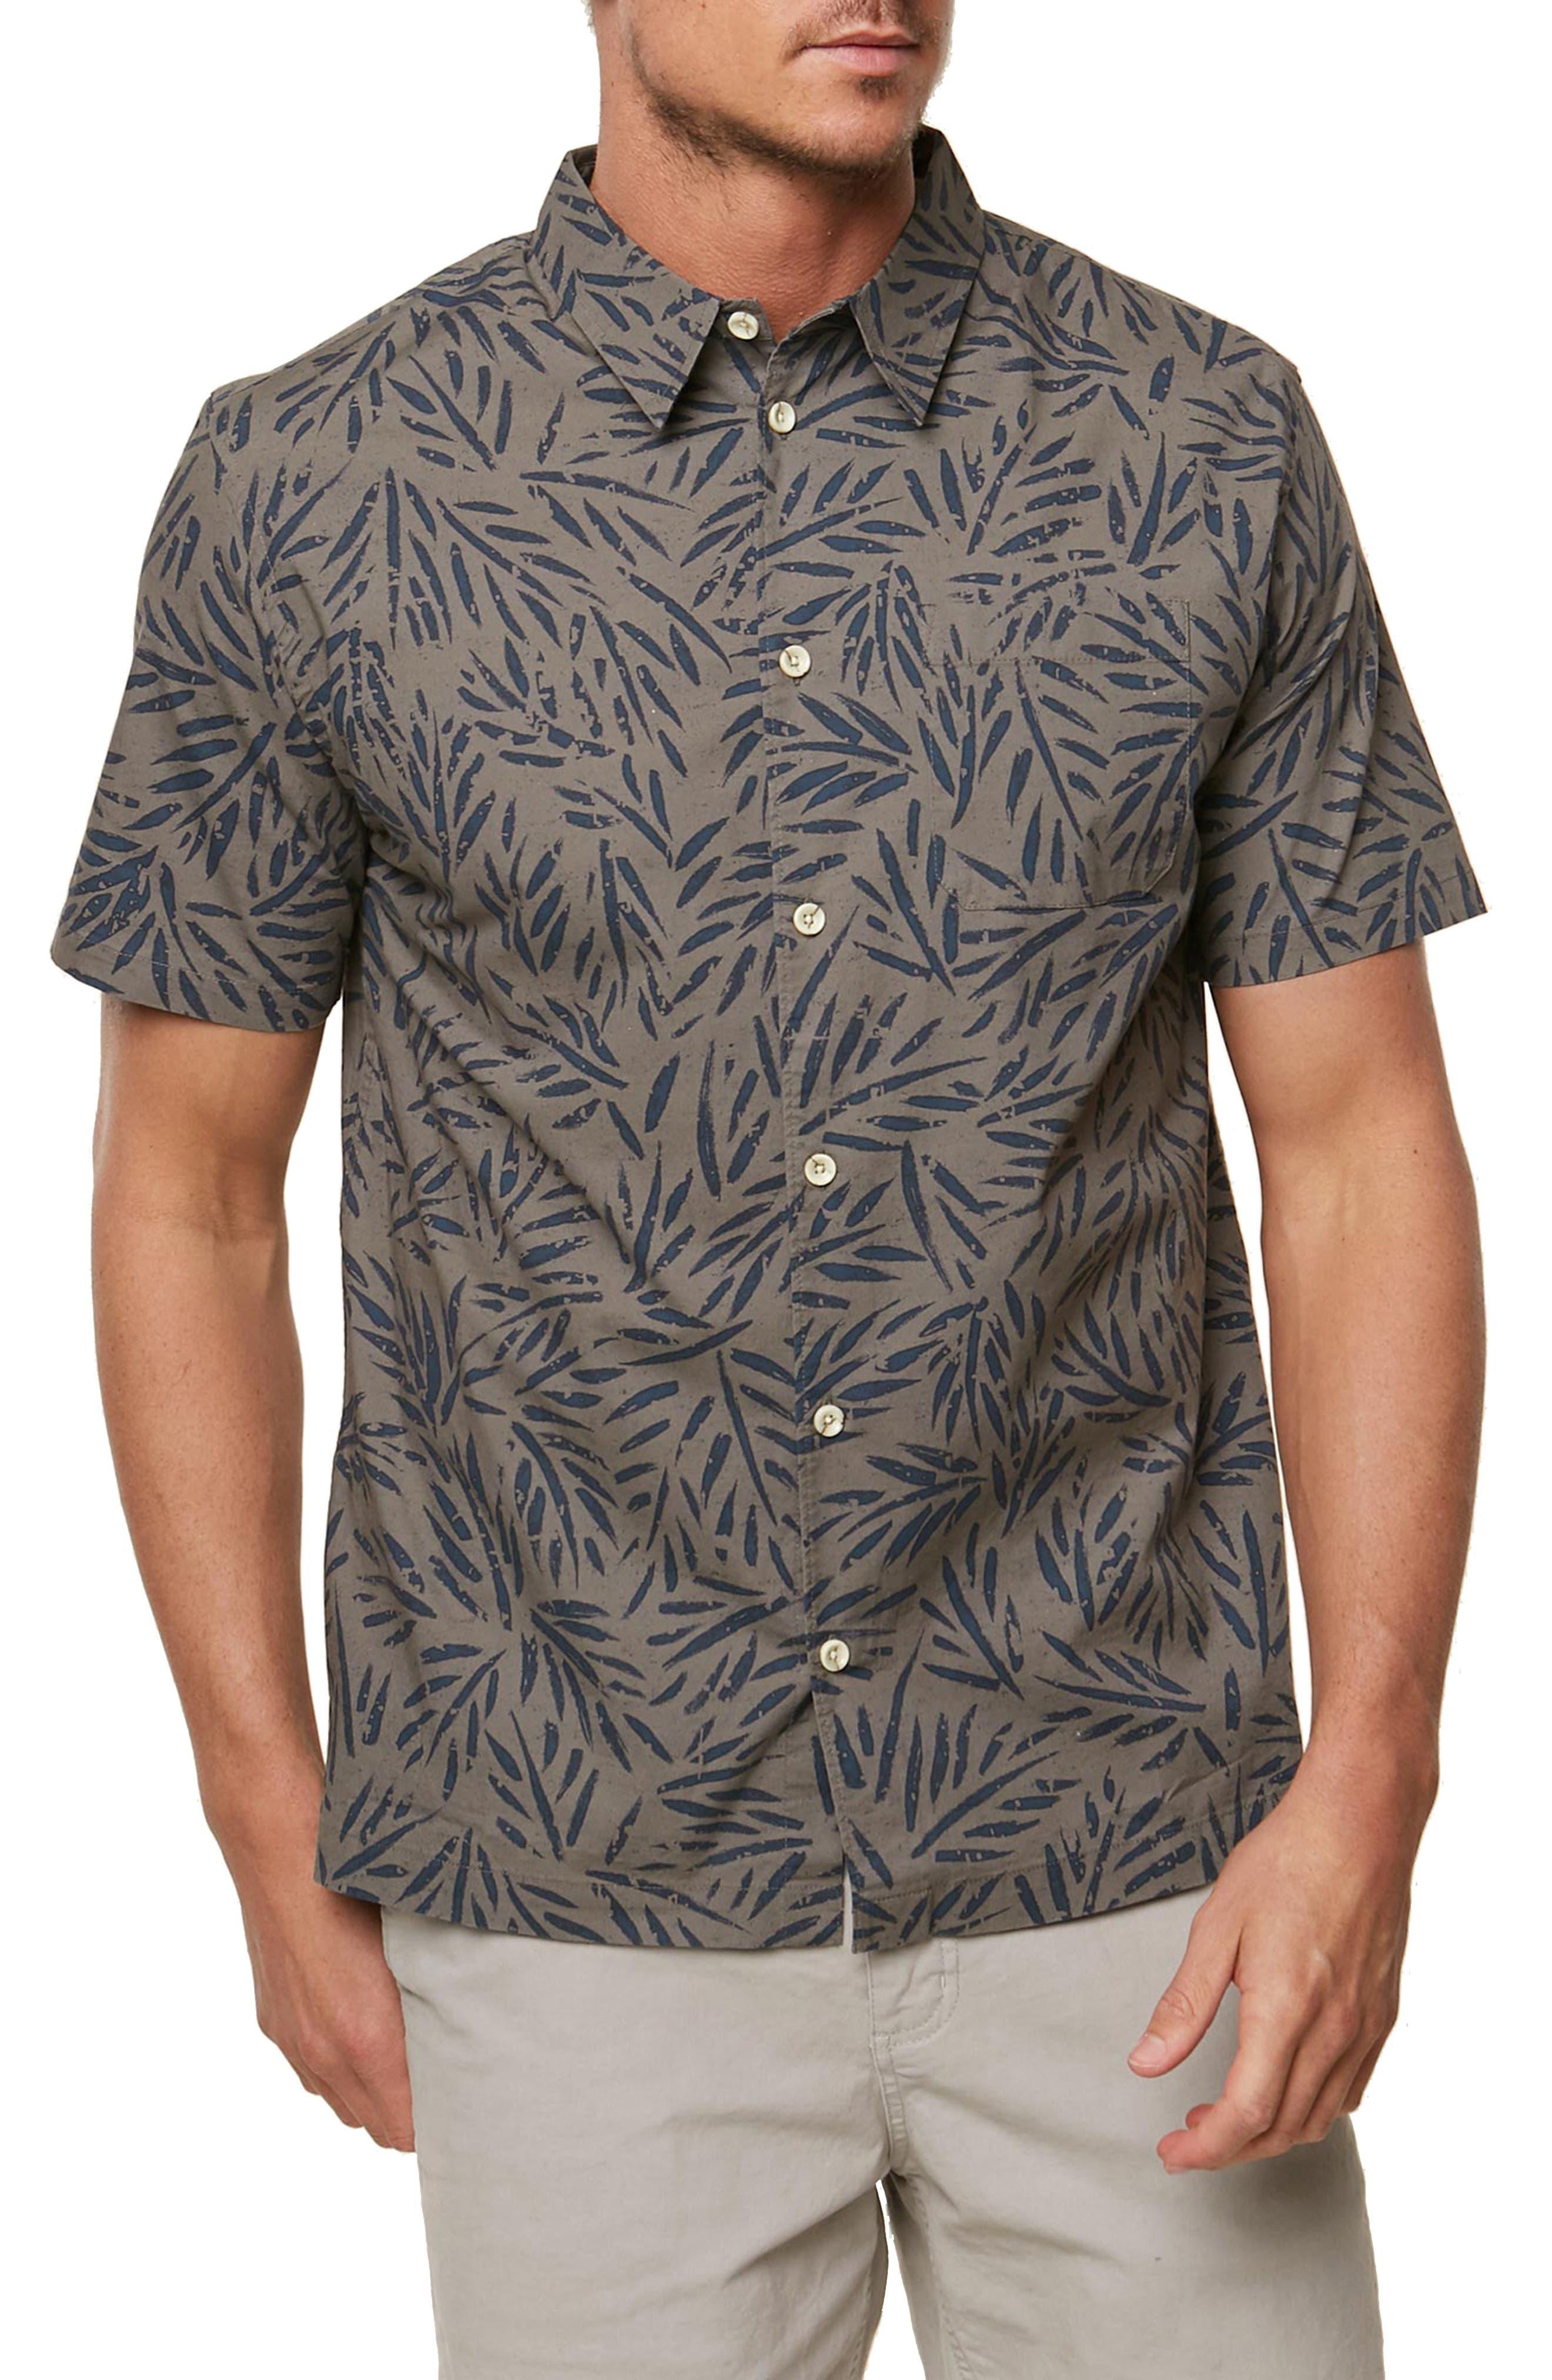 Palms Away Regular Fit Sport Shirt,                             Main thumbnail 1, color,                             GREY